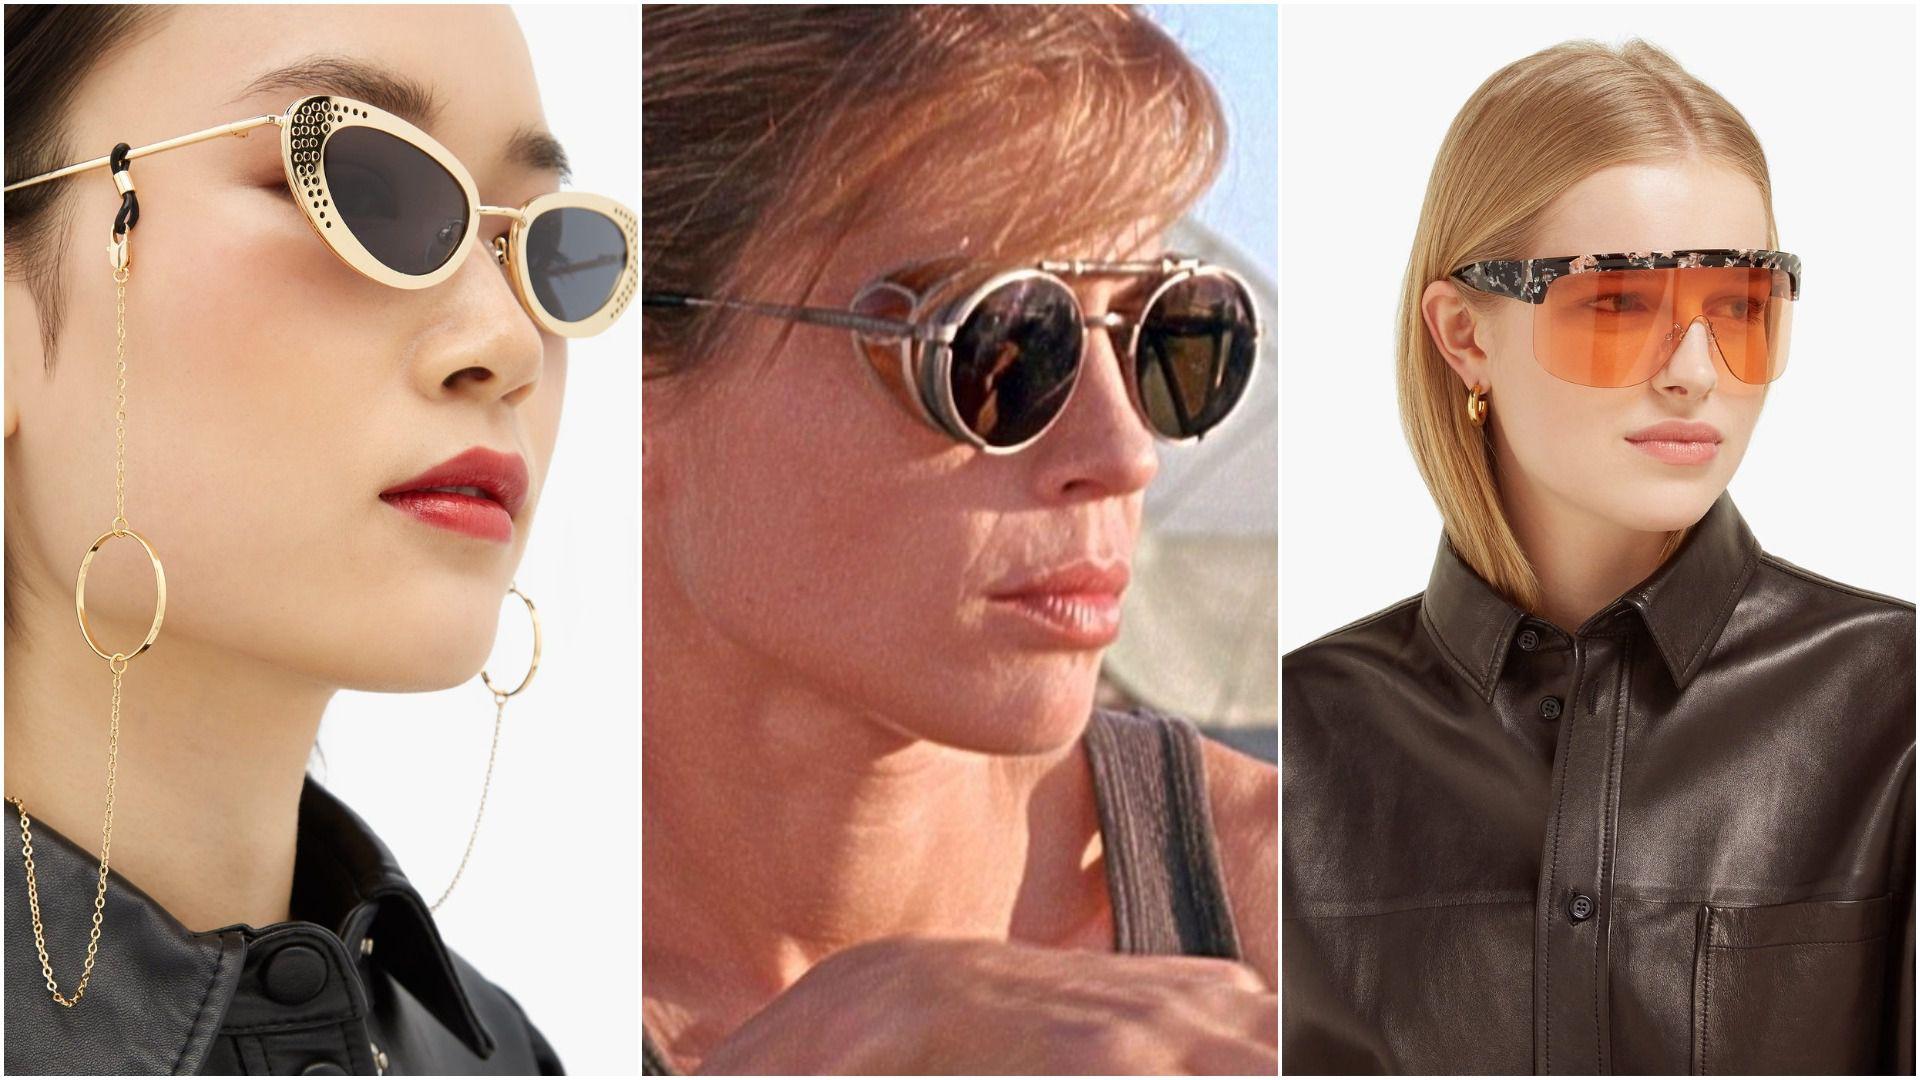 Ljeto je nezamislivo bez kvalitetnih (i stylish) sunčanih naočala: Izaberite savršene uz pomoć stručnjaka